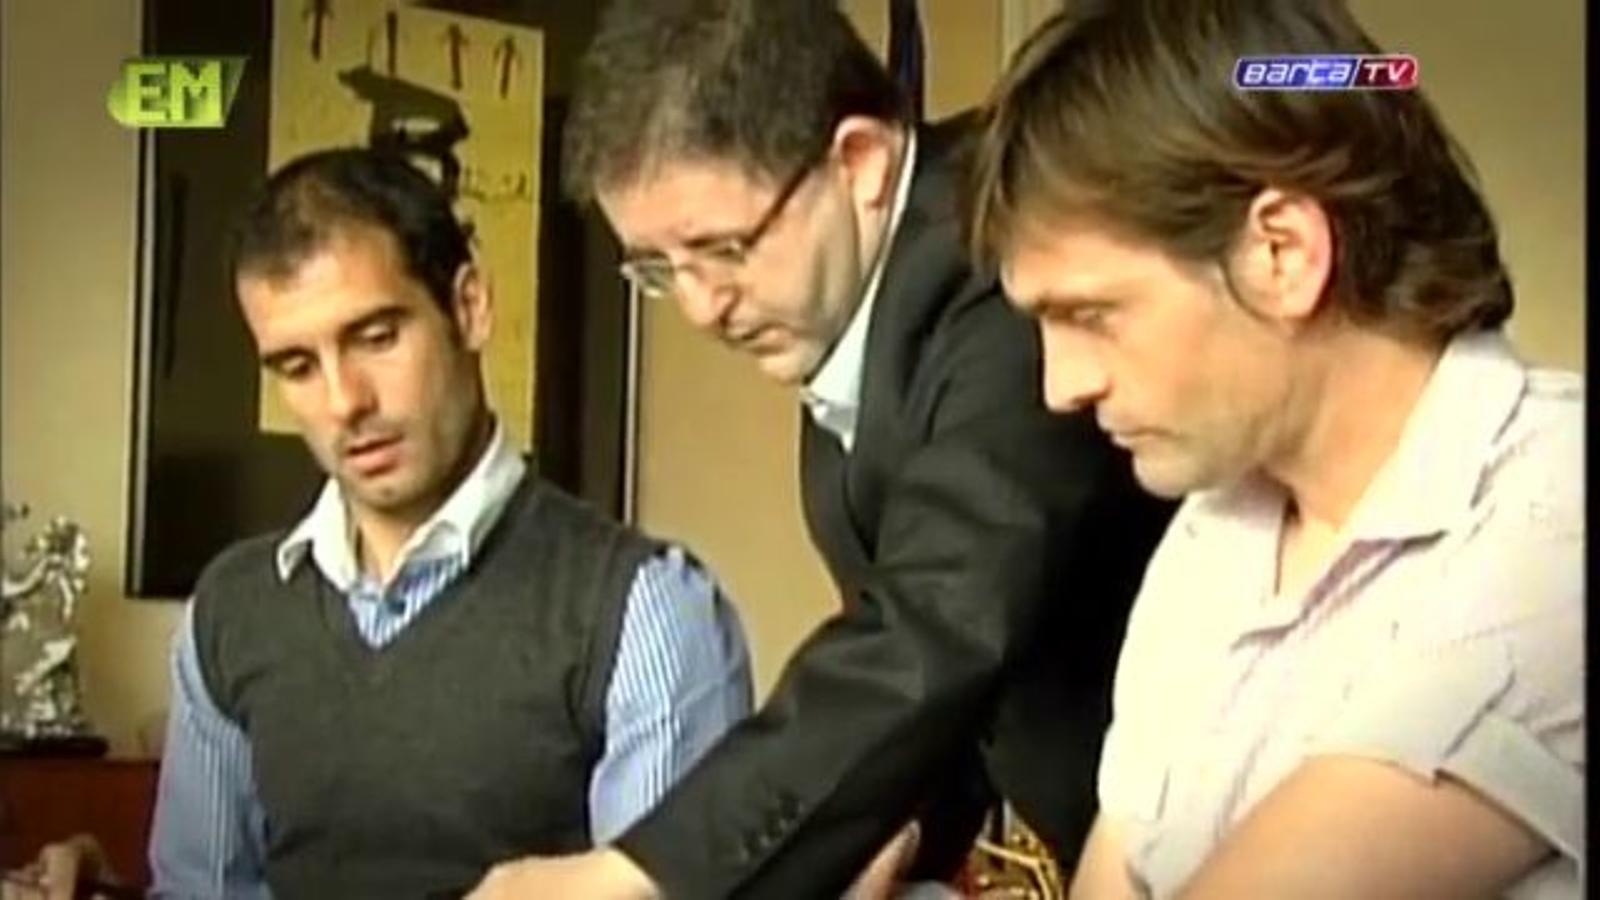 El Barça repassa en un vídeo els 4 anys de Guardiola al primer equip